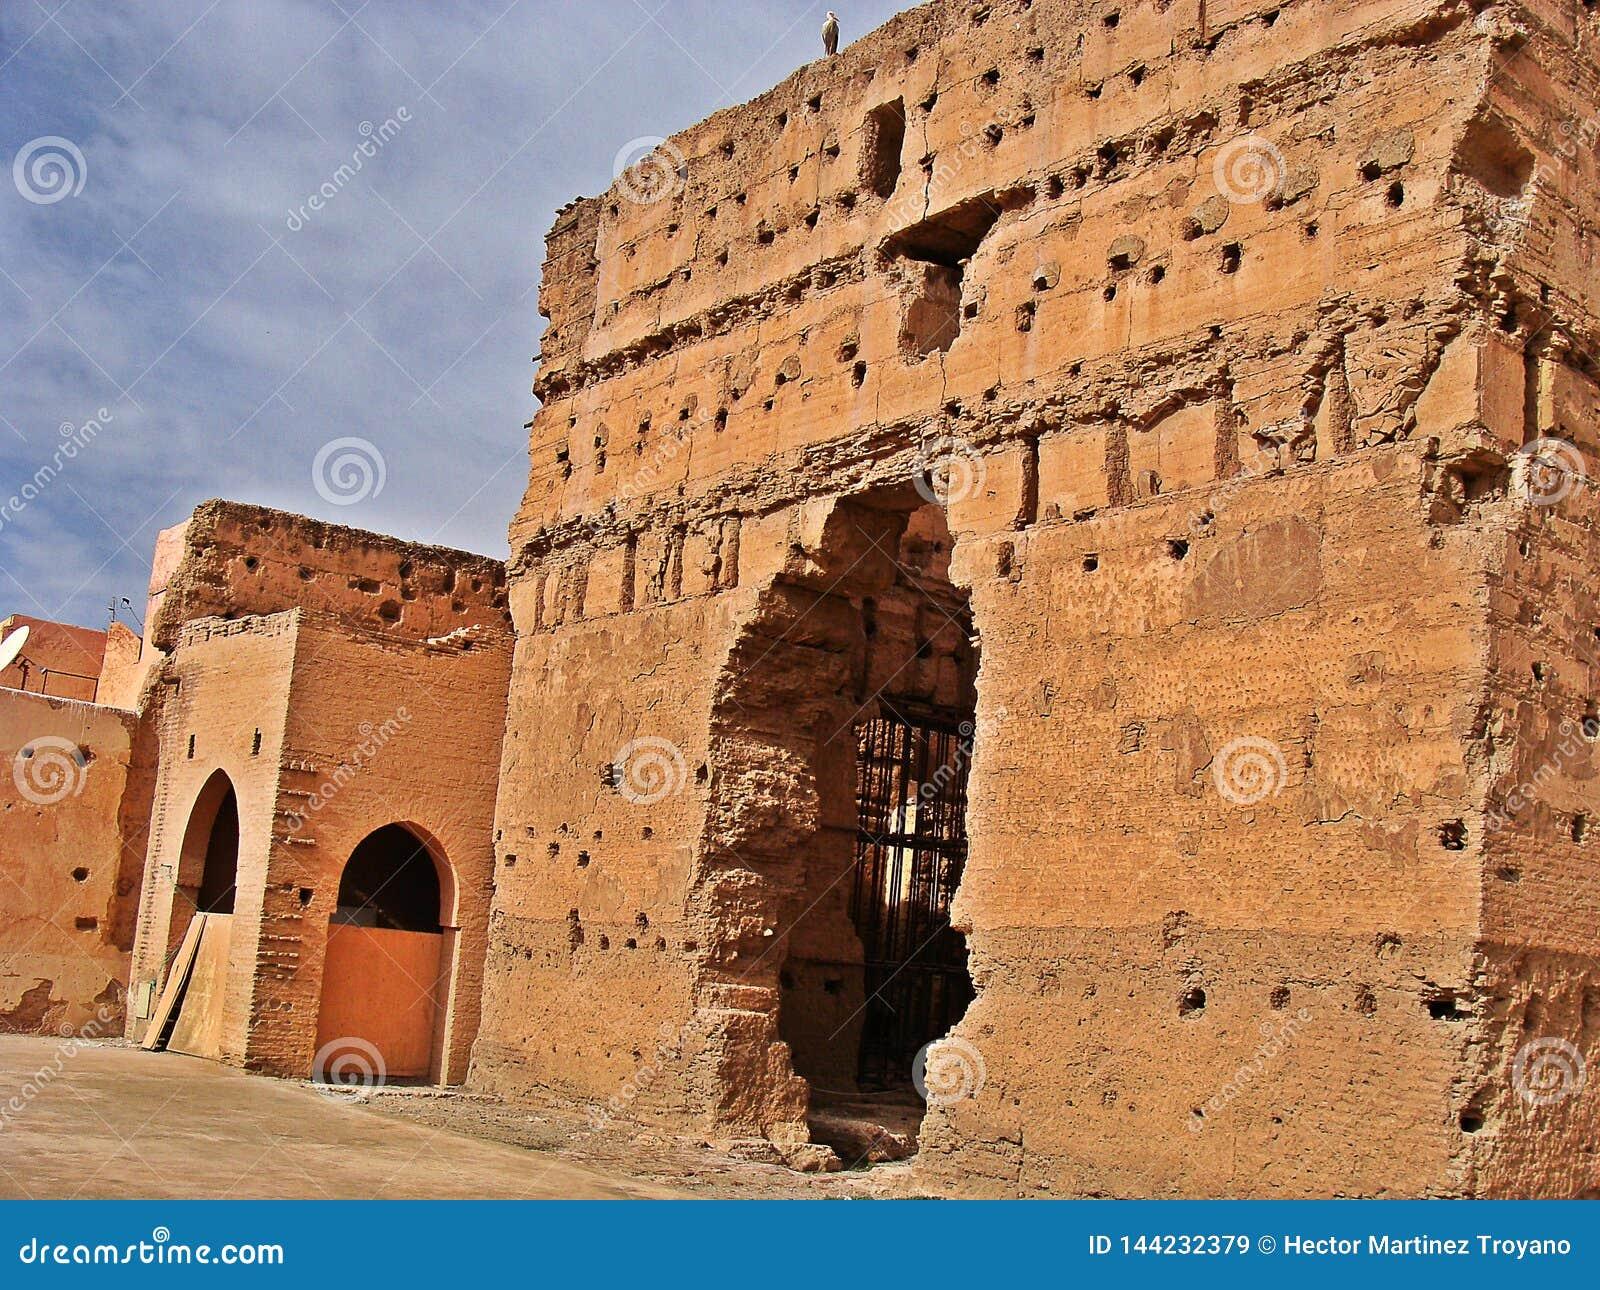 The Menara garens